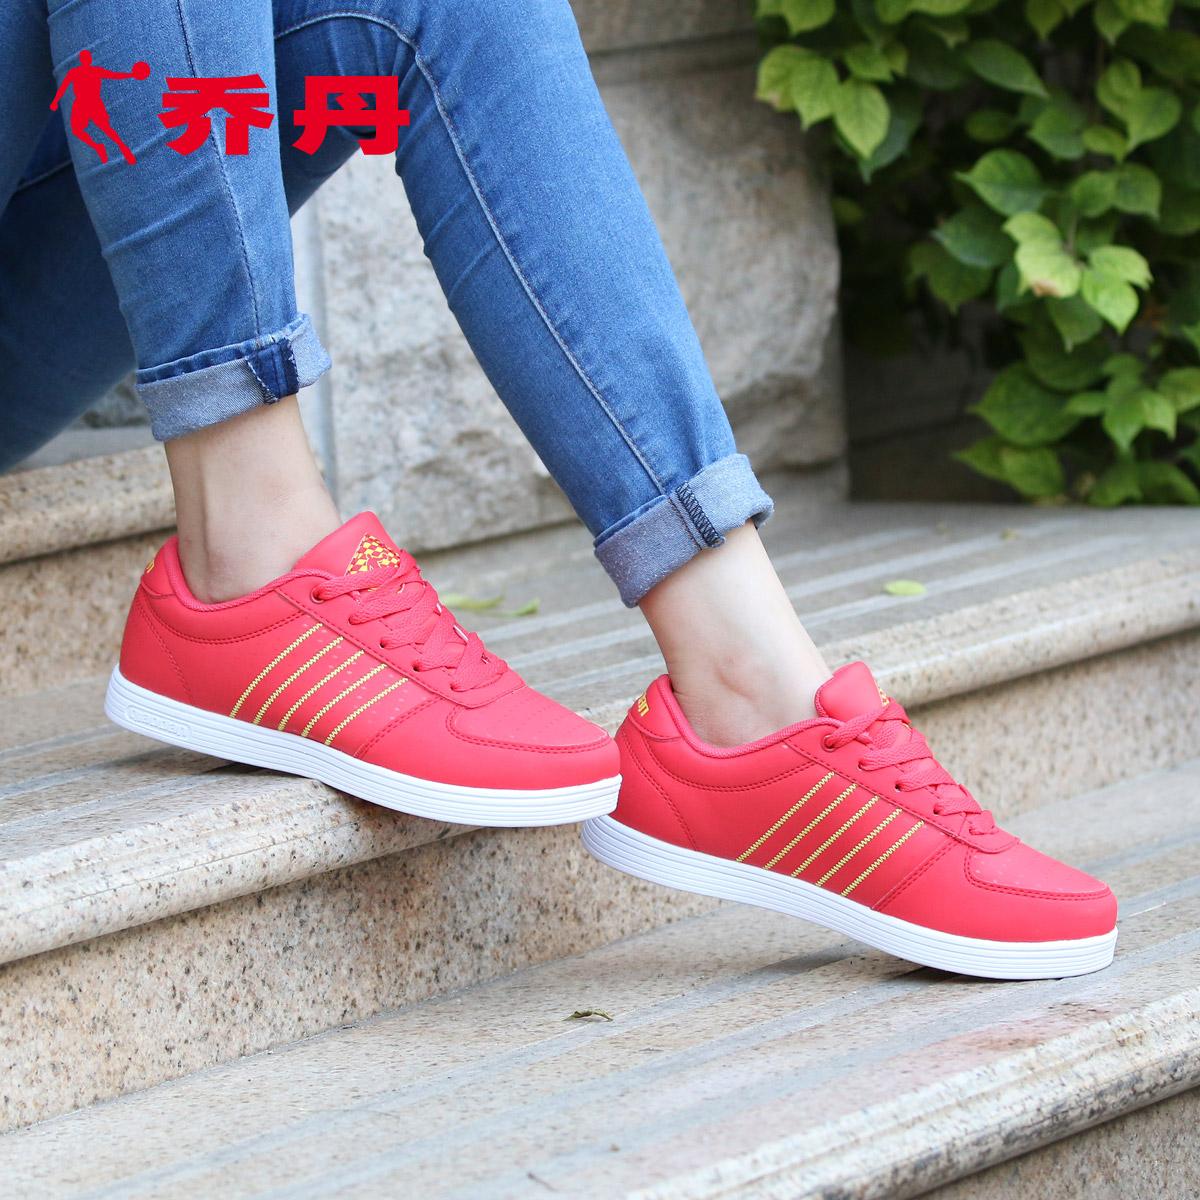 喬丹女鞋 鞋女 板鞋女學生 鞋 潮旅遊鞋防滑耐磨輕便